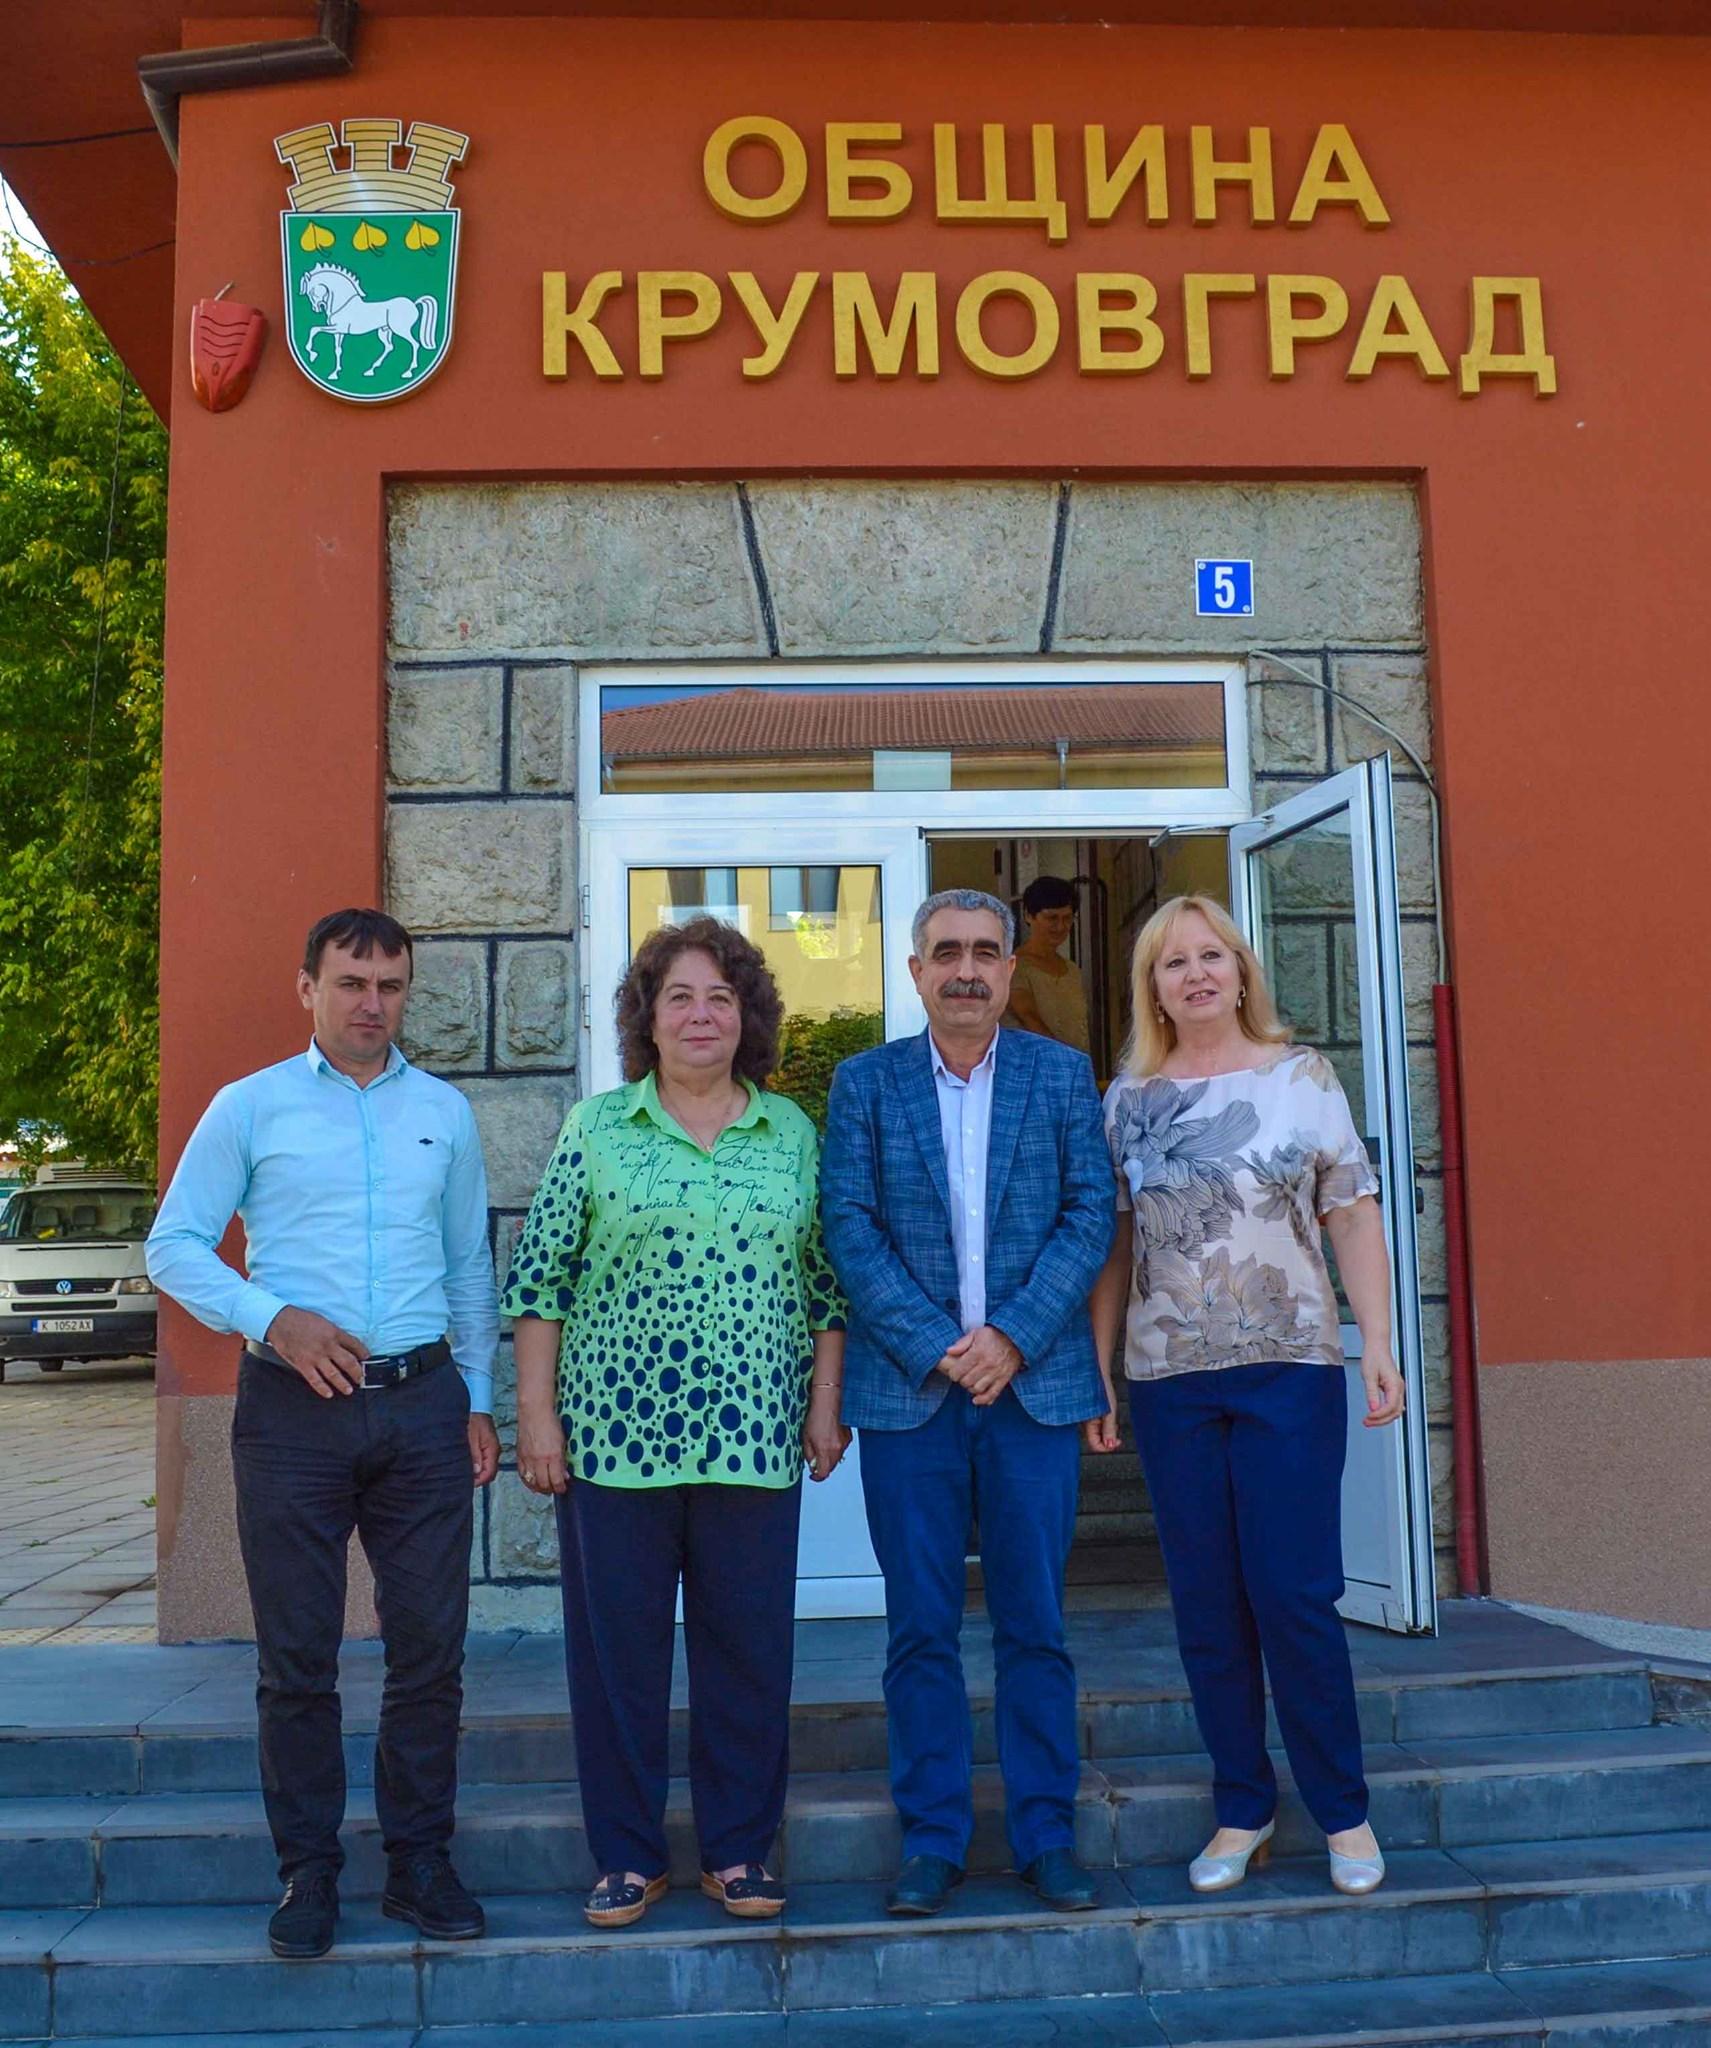 """Инвестиции в размер на 3 000 000 лева в Крумовград! """"Дънди Прешъс Металс"""" и Общината подписаха договора"""